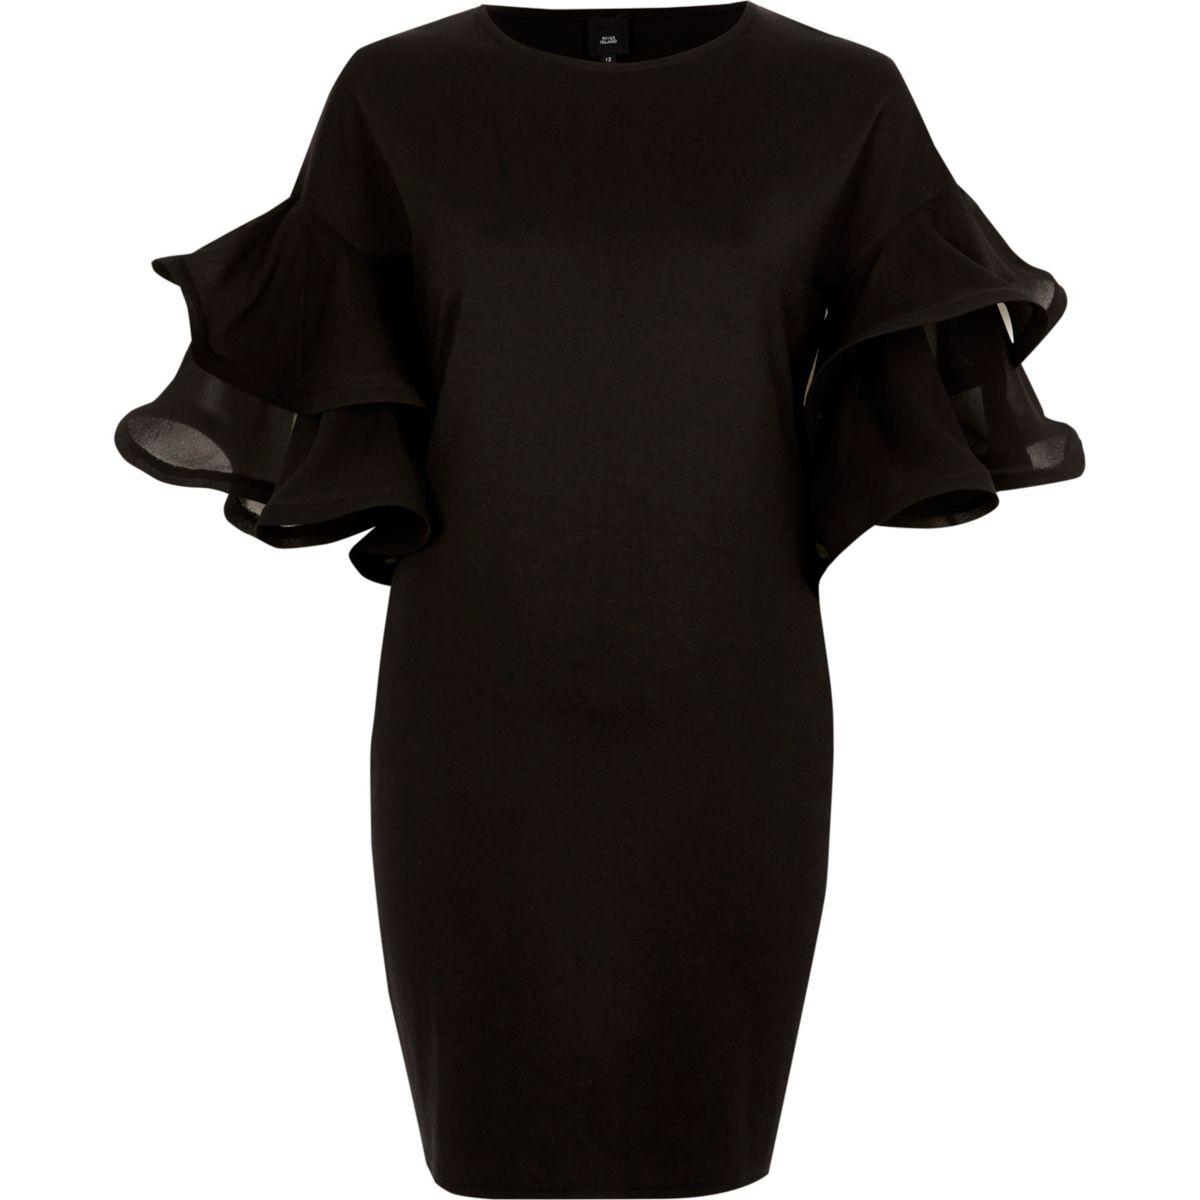 Schwarzes Bodycon-Minikleid mit Rüschen